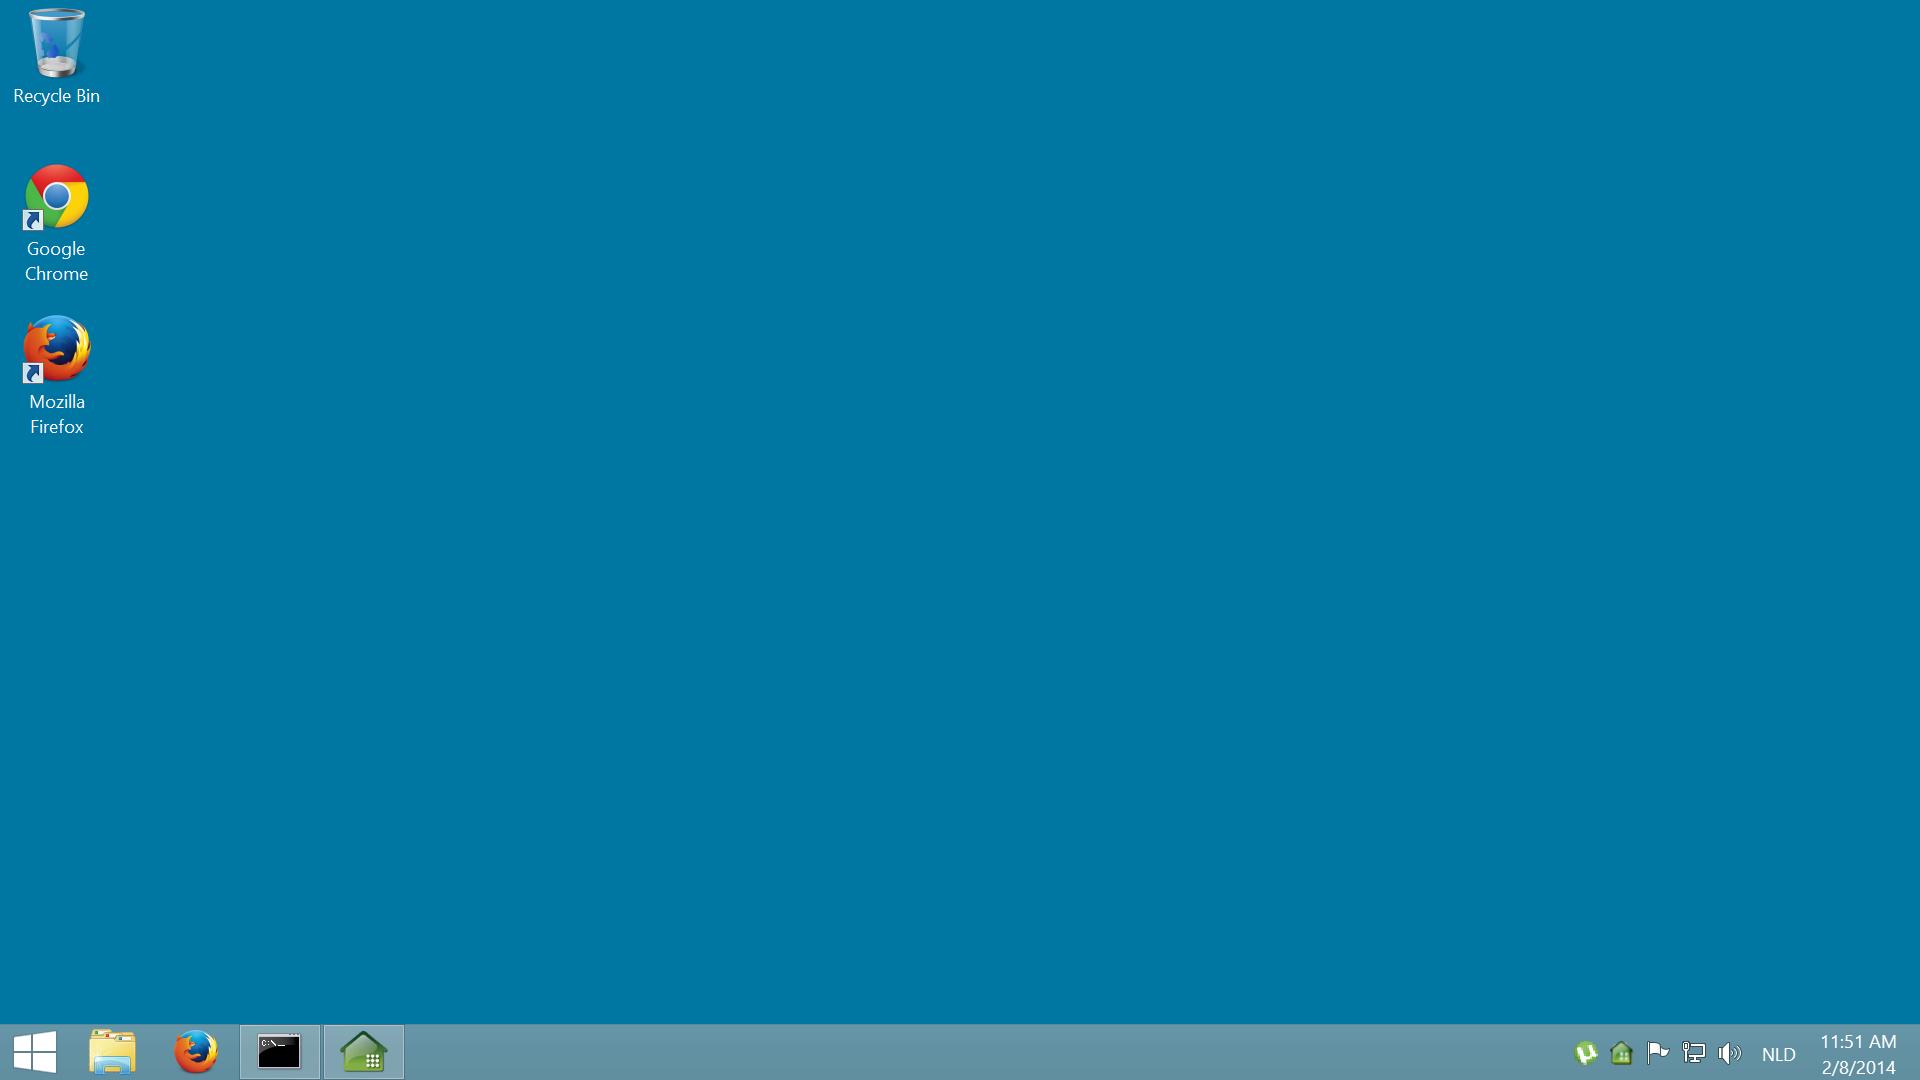 Windows 8 1 wallpapers for desktop wallpapersafari - Windows 8 1 wallpaper hd nature ...